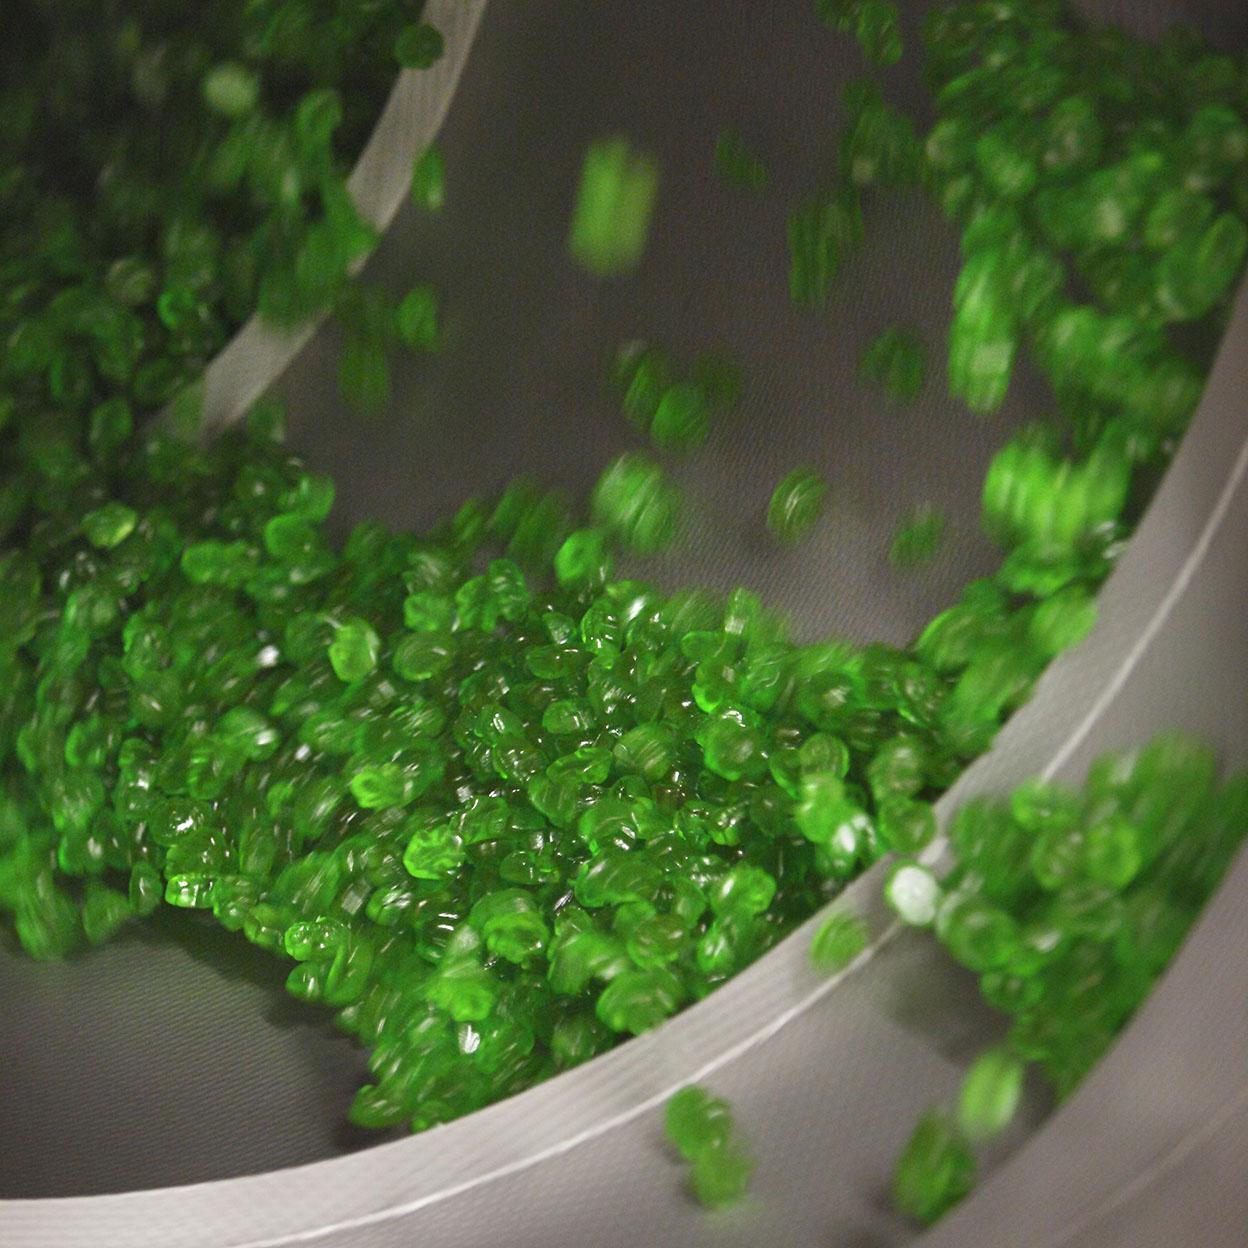 Så här ser det ut när Gröna Grodor produceras i fabriken.